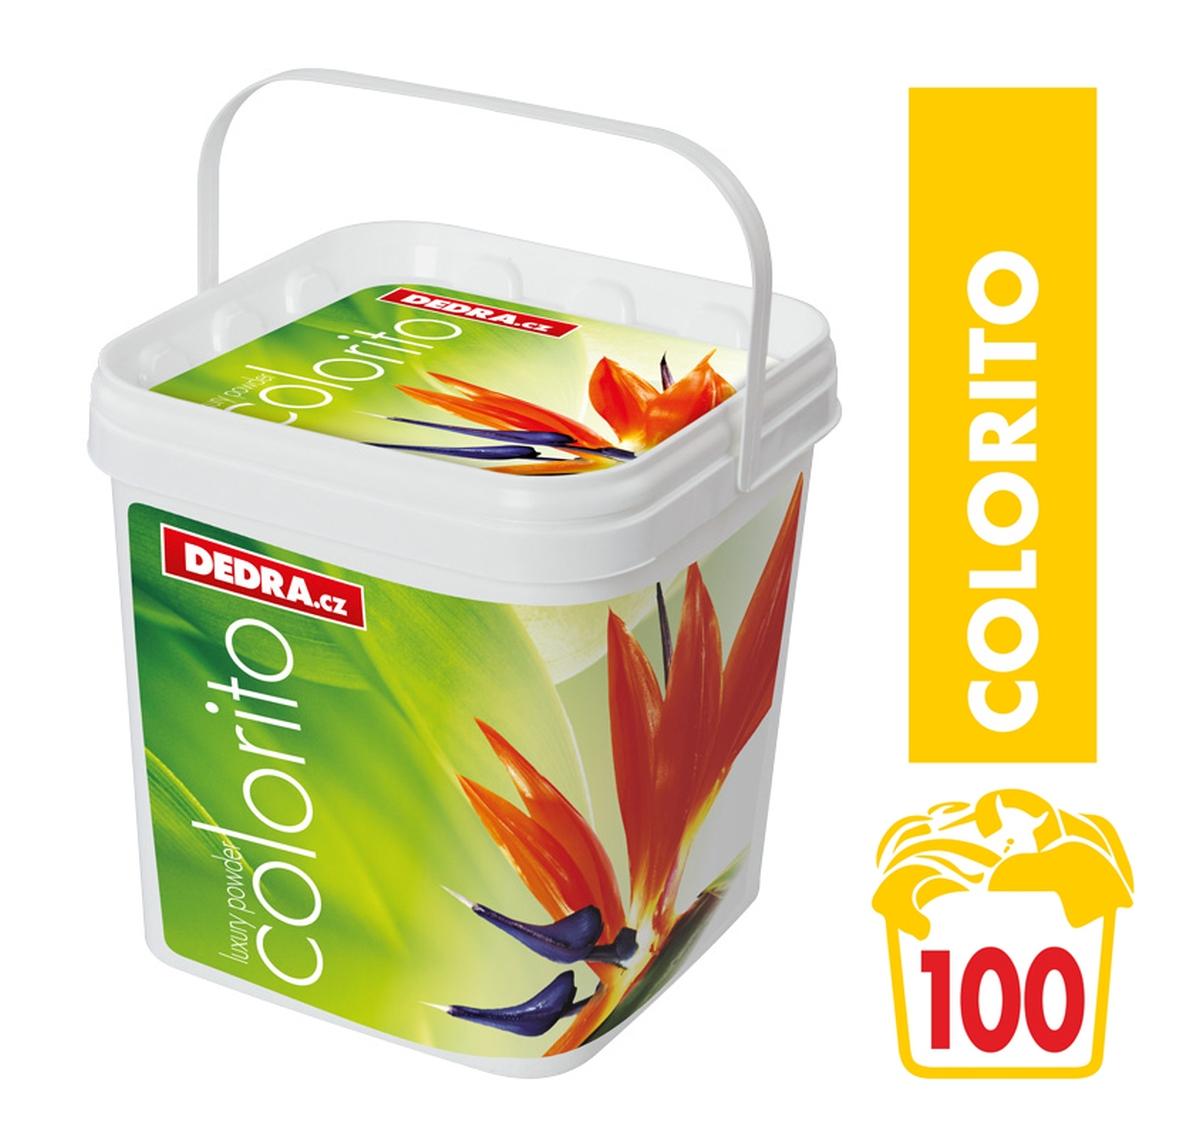 COLORITO 100 PRANÍ na barevné prádlo, 5 kg + box koncentrovaný prací prášek